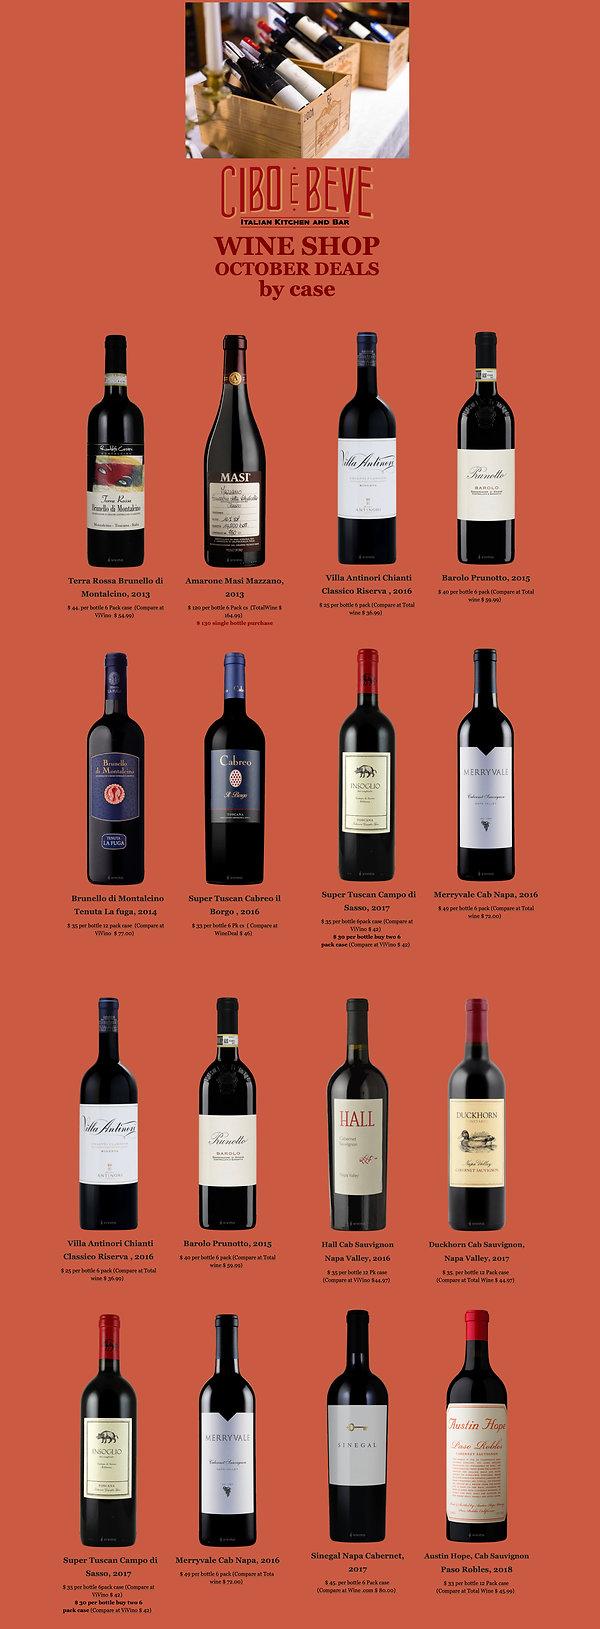 Wine_Oct_Deals.jpg